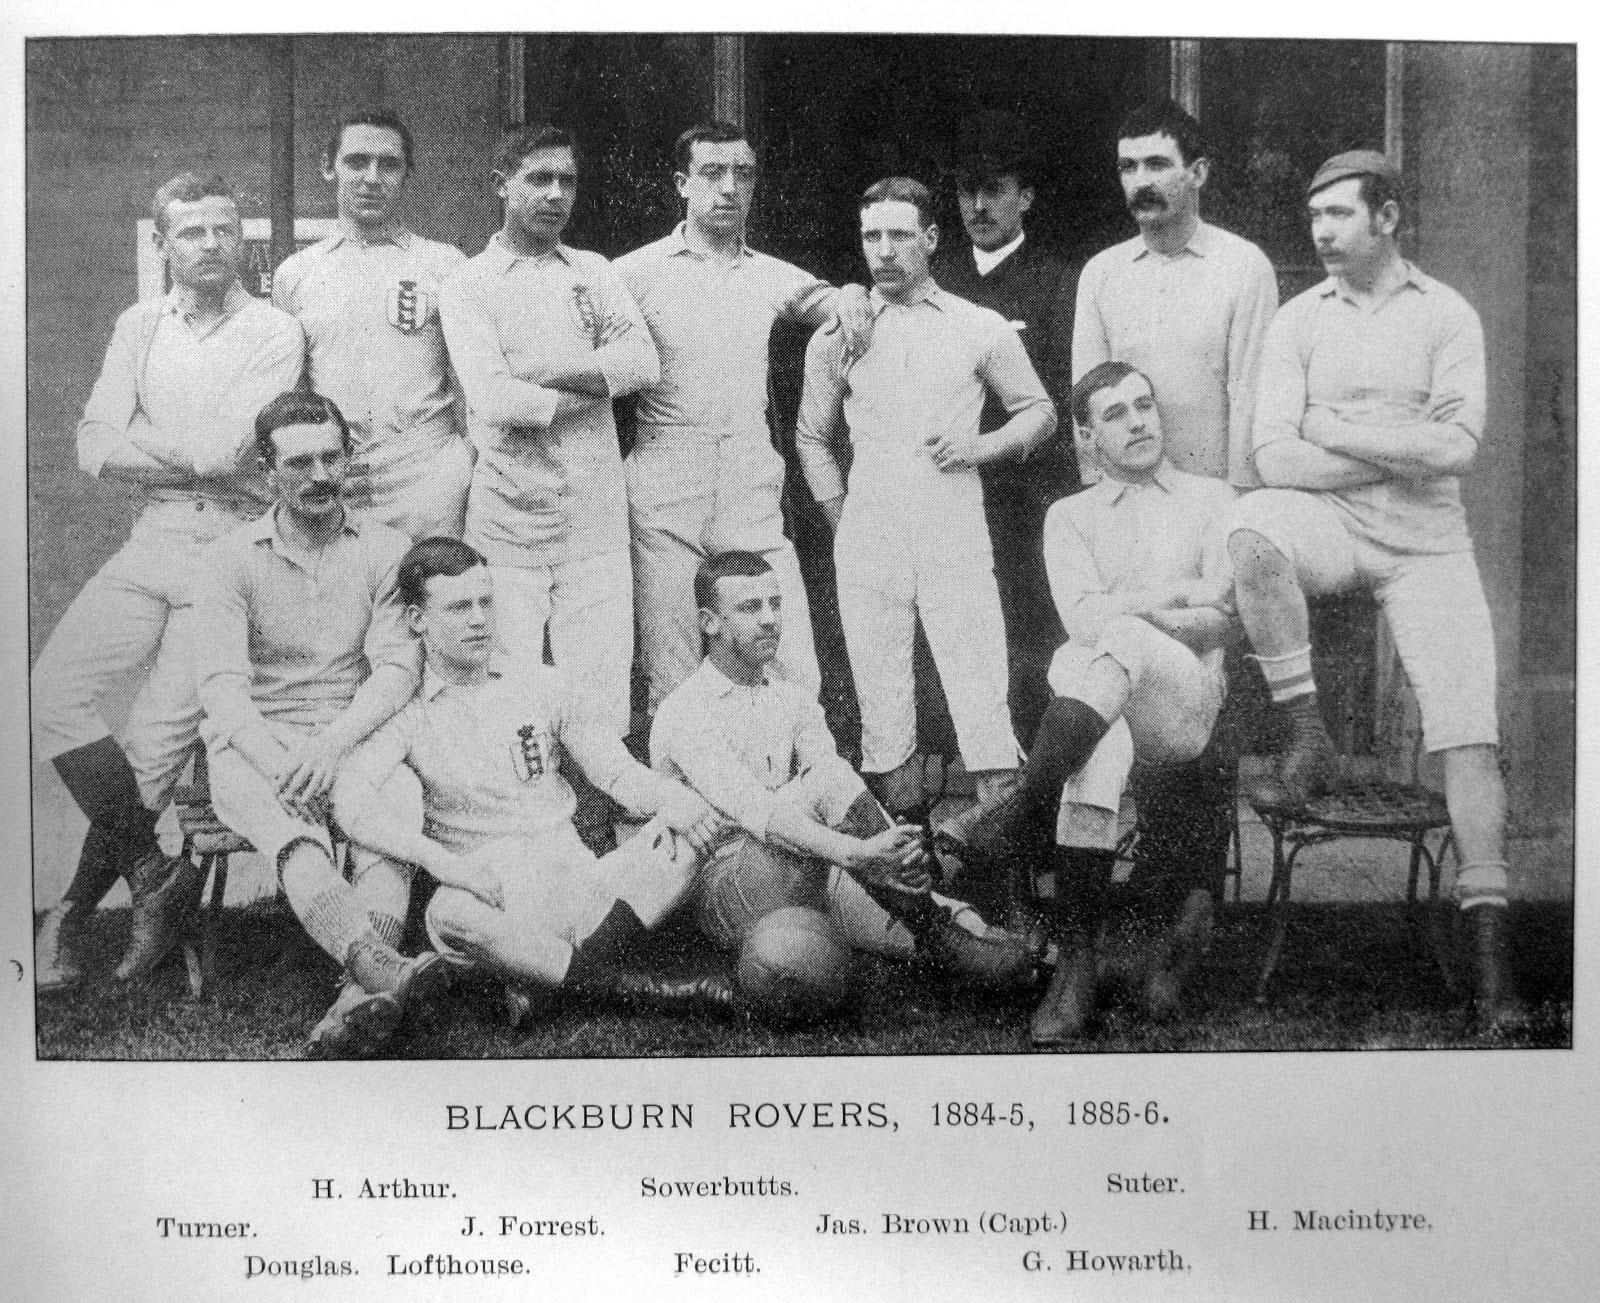 История больших денег в футболе. Сначала игроки боролись за богатство – им запрещали получать больше £4 и сравнивали с шахтерами